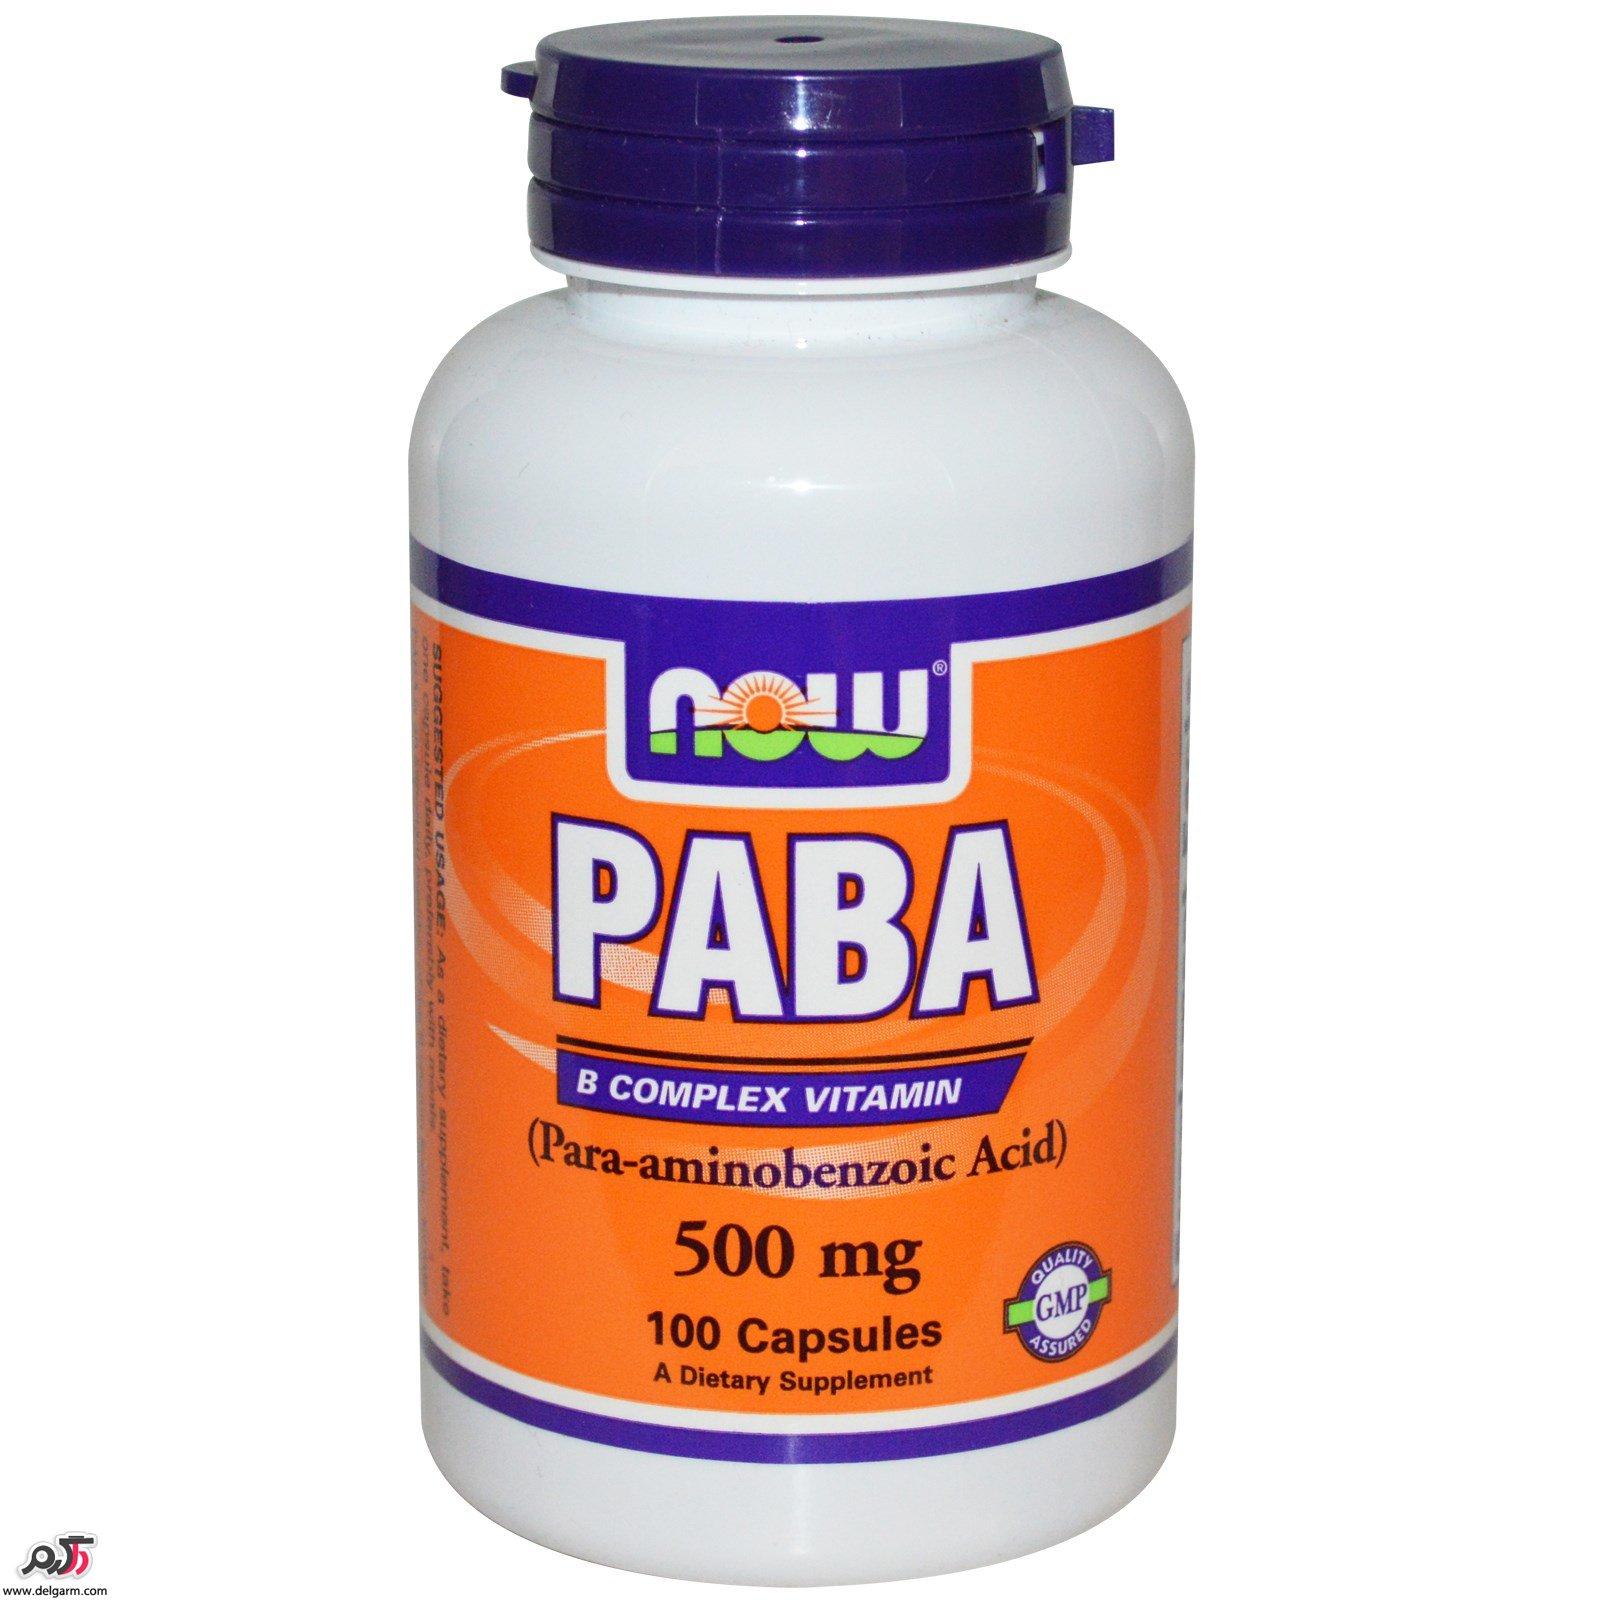 موارد و عوارض مصرف پابا- کا (Paba-K) چیست؟ منع مصرف و تداخل دارویی پابا- کا چیست؟